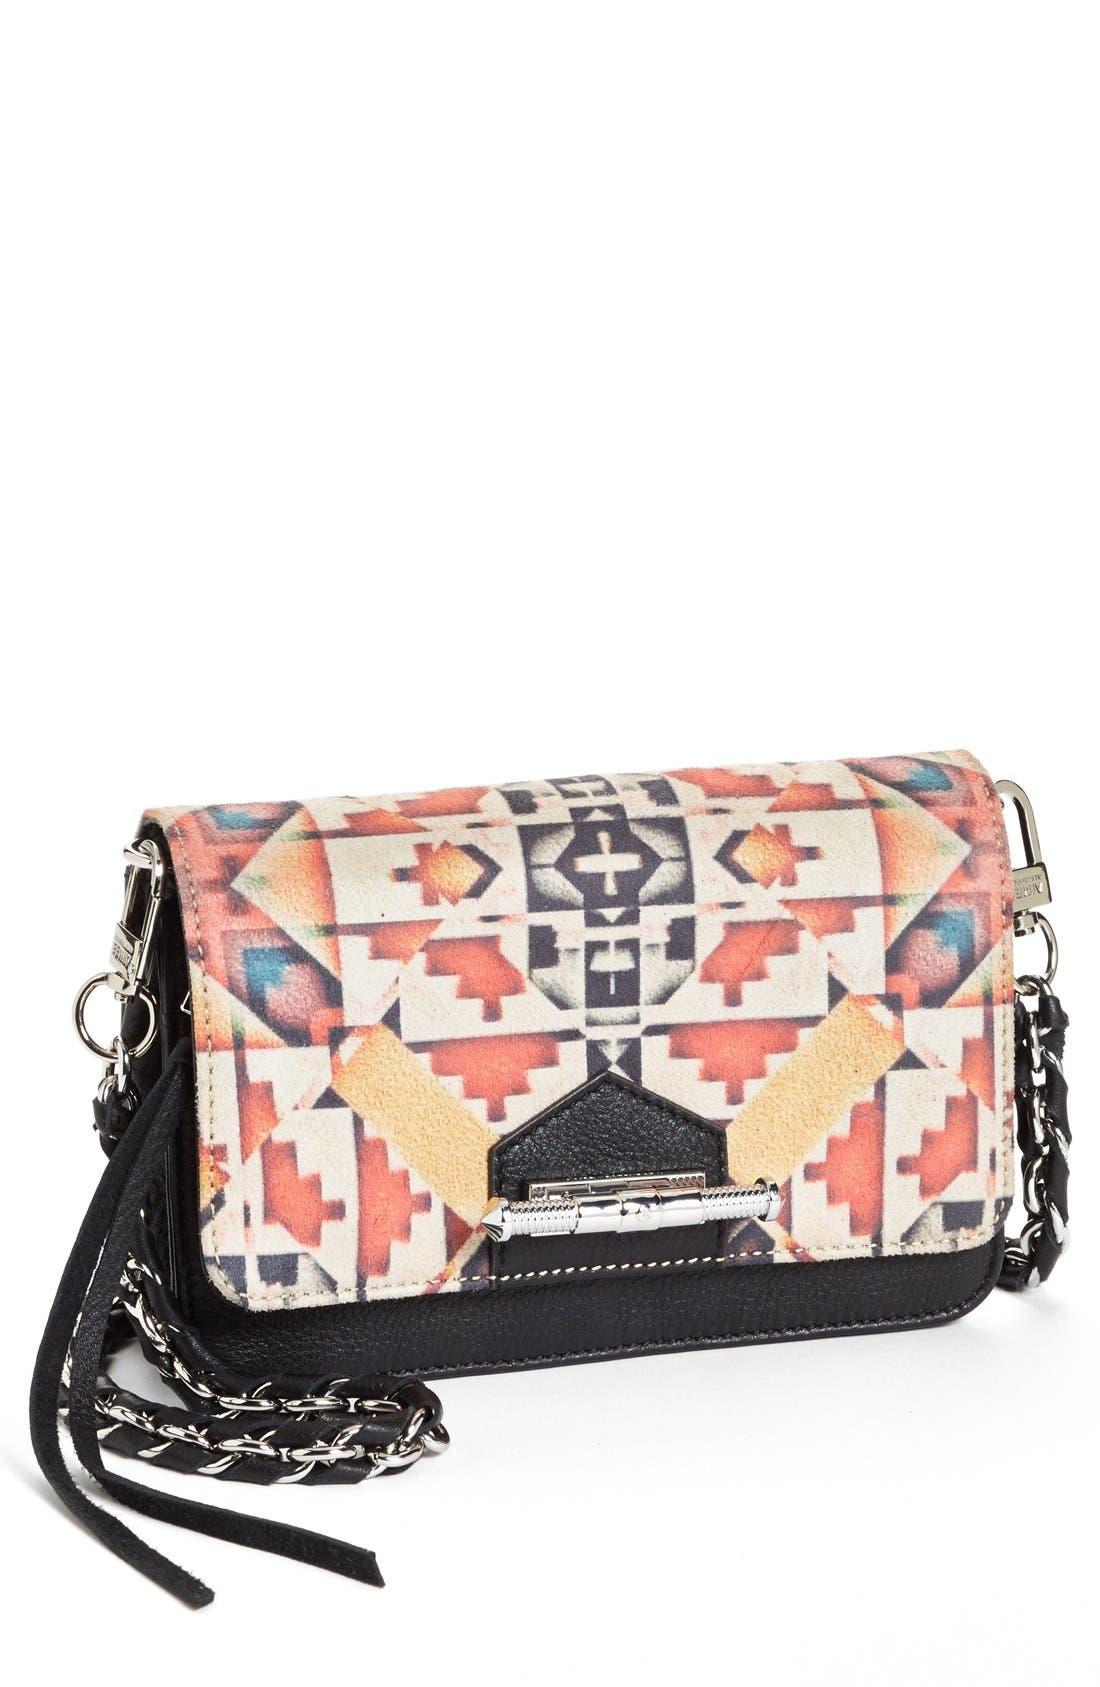 Main Image - Aimee Kestenberg Crossbody Bag